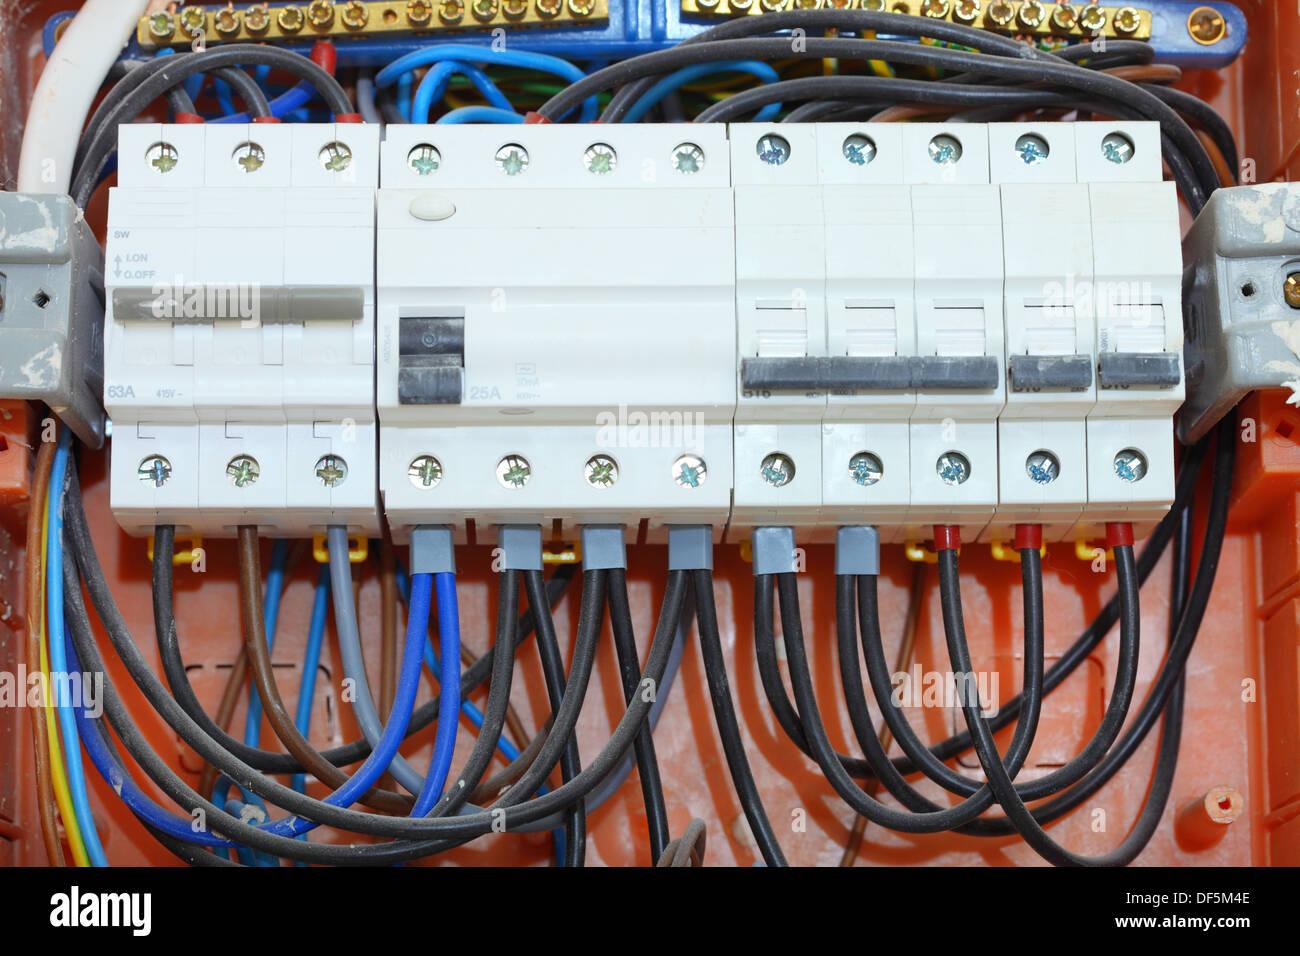 Elektro-Installation. Elektrische Schalttafel Strom-Verteilerkasten ...